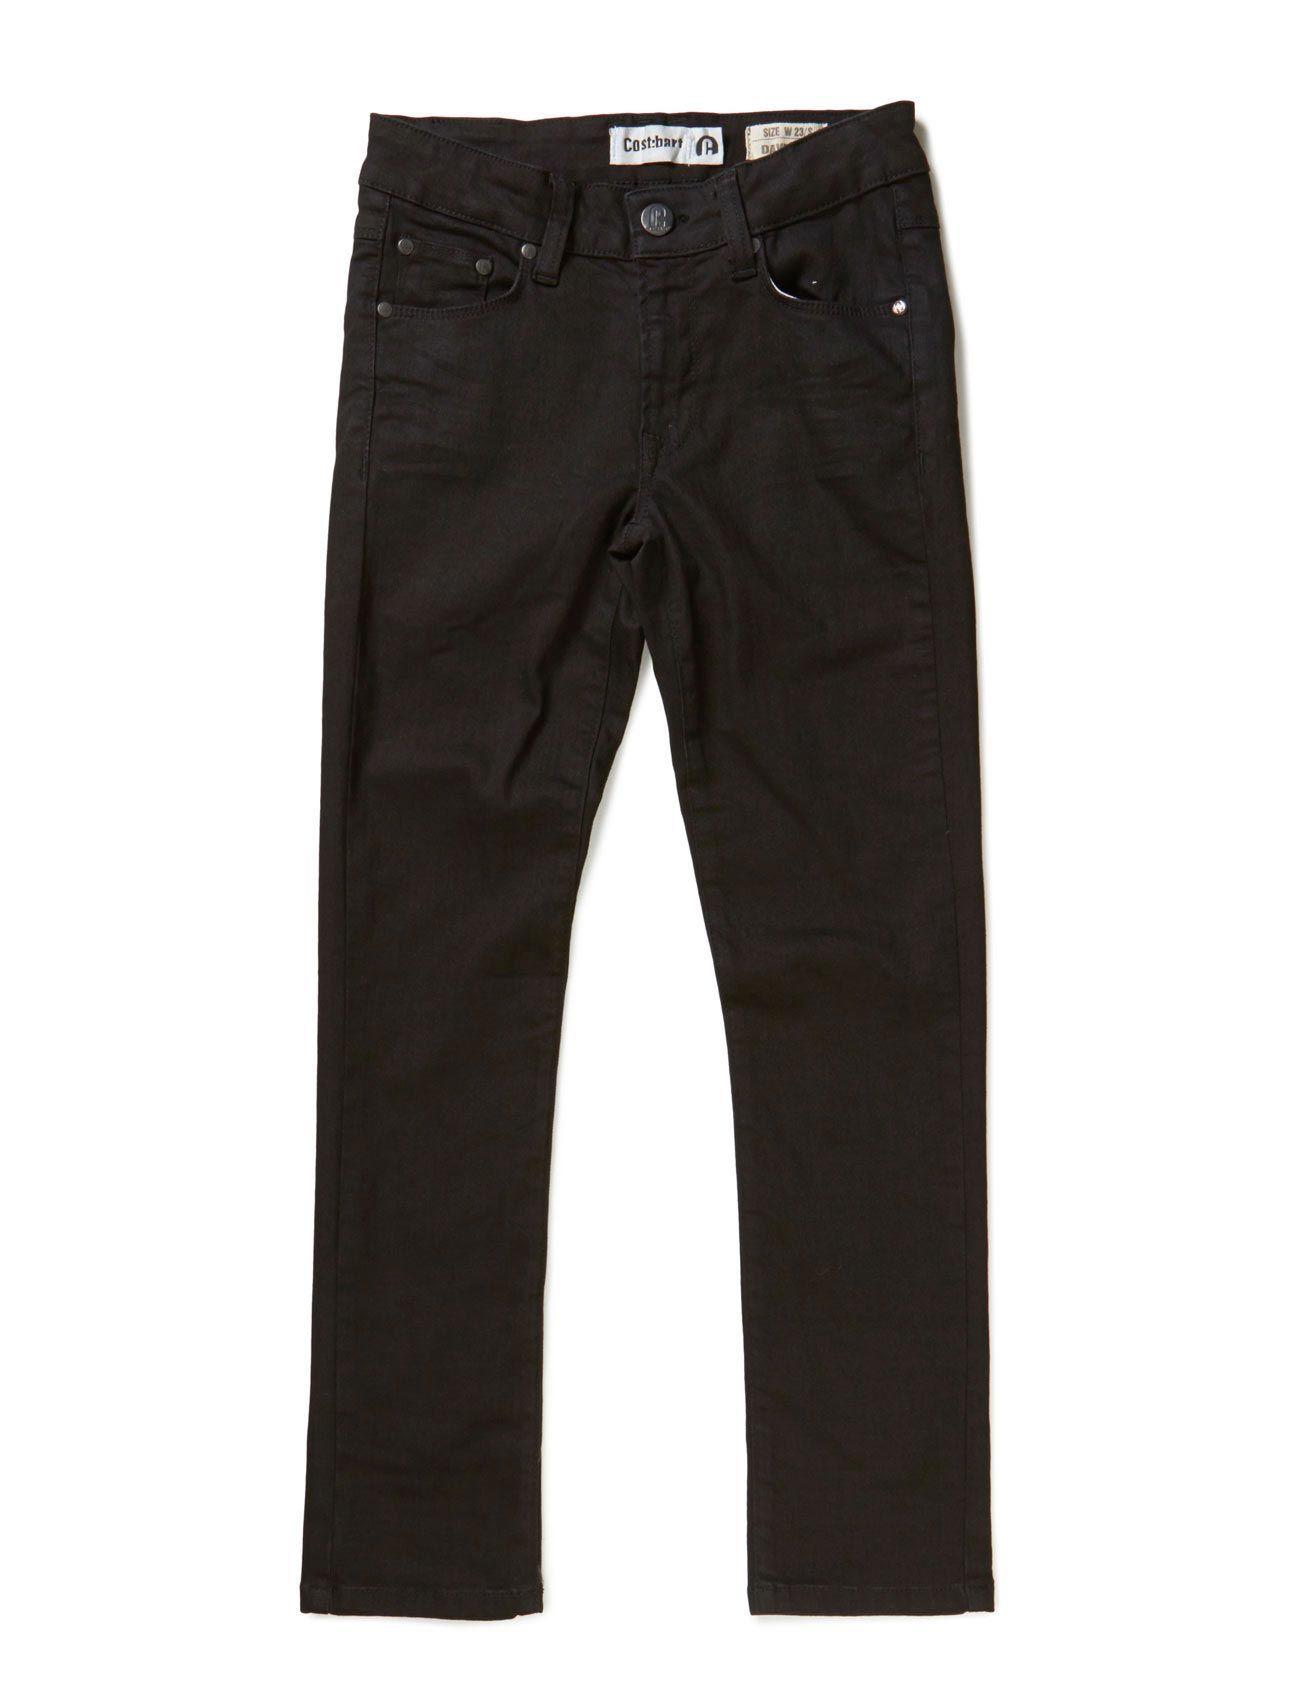 Dave jeans fra costbart på boozt.com dk